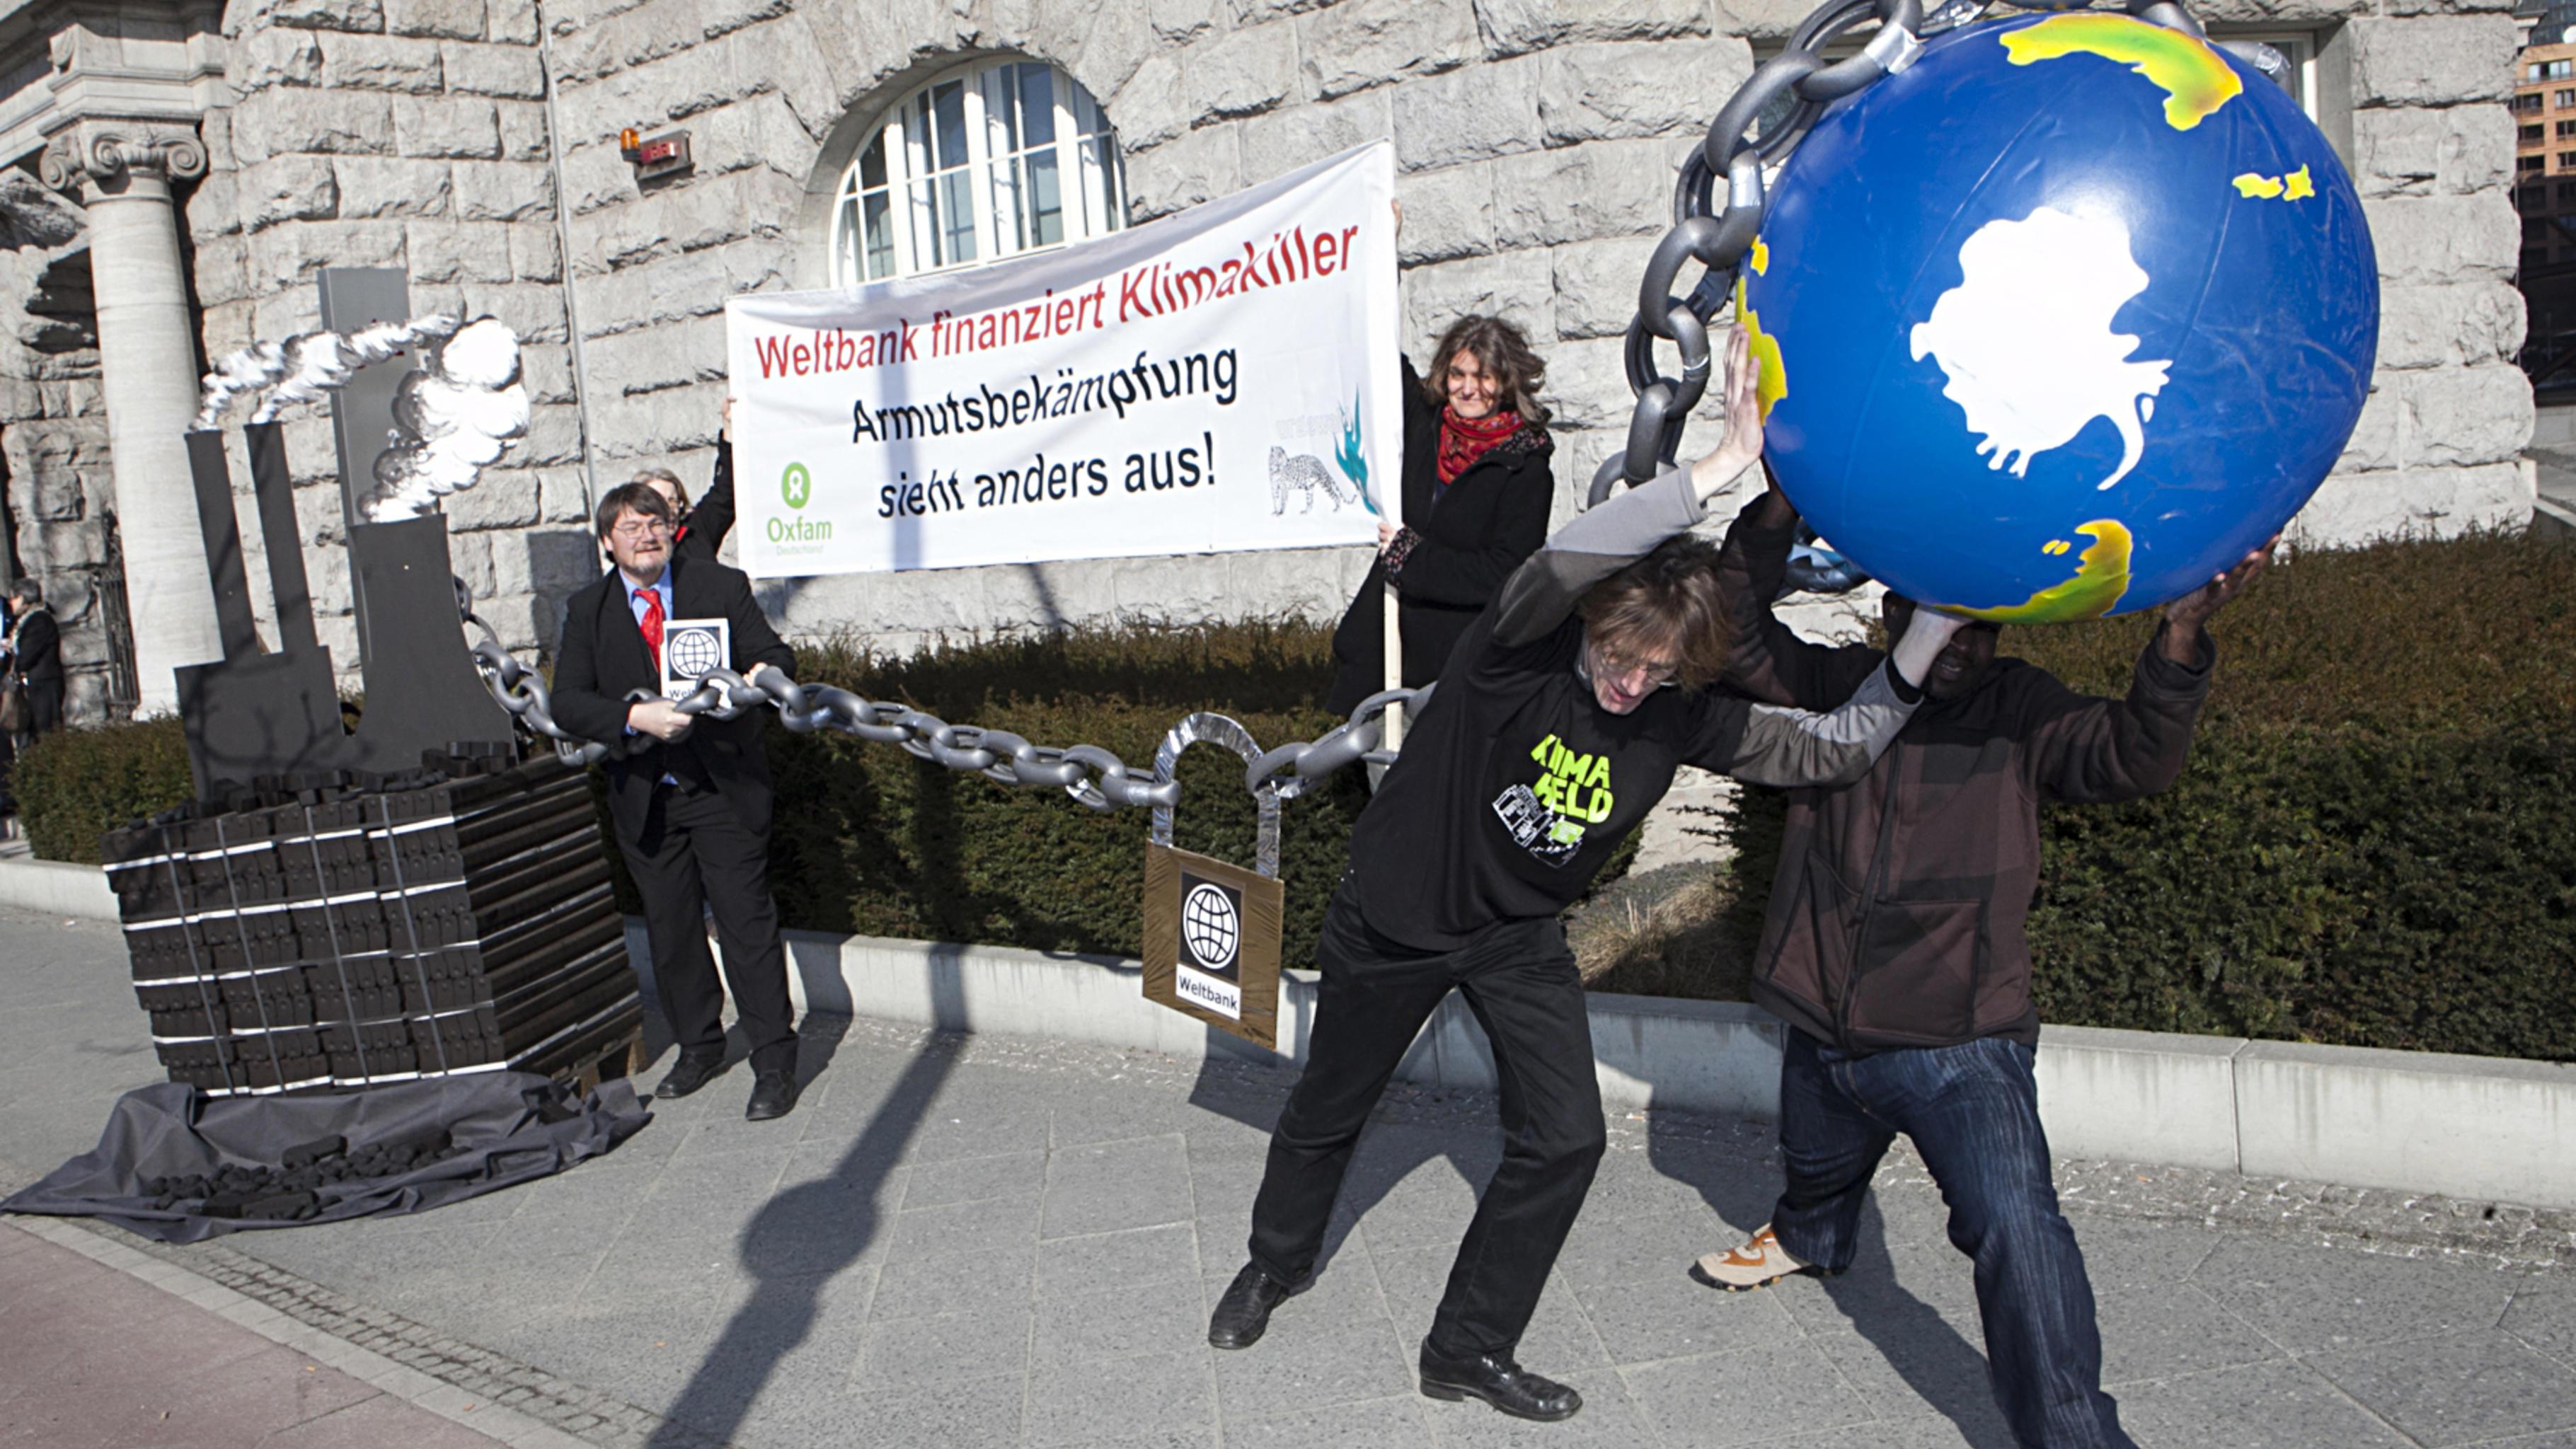 """Fotostunt """"Weltbank finanziert Klimakiller"""", Berlin, 01.03.2011"""